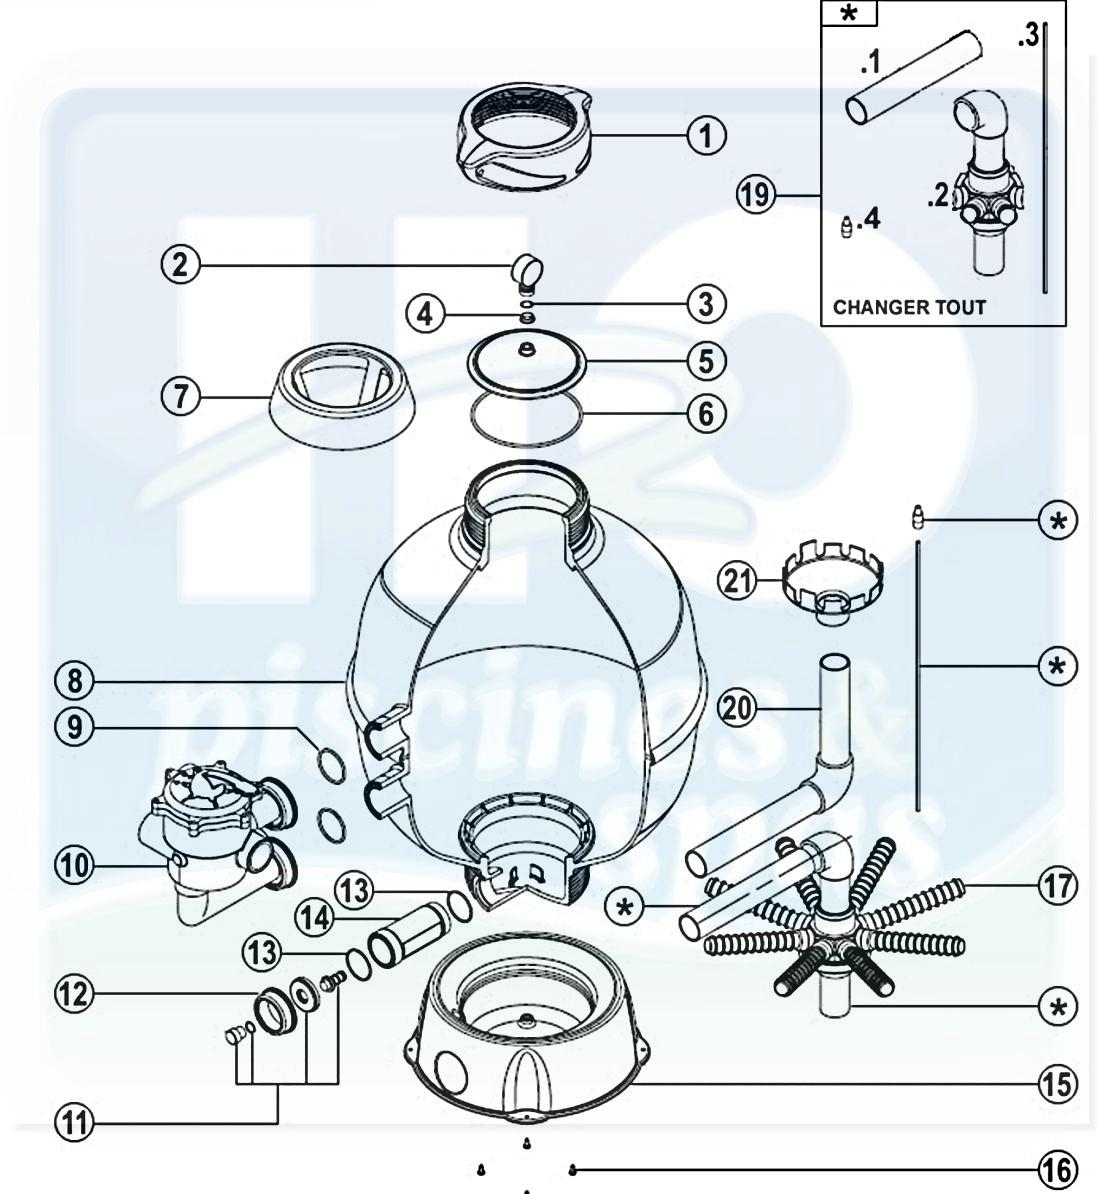 Pièces Détachées Piscines : Filtres À Sable Piscines, Espa ... destiné Pieces Detachees Pour Filtre A Sable Piscine